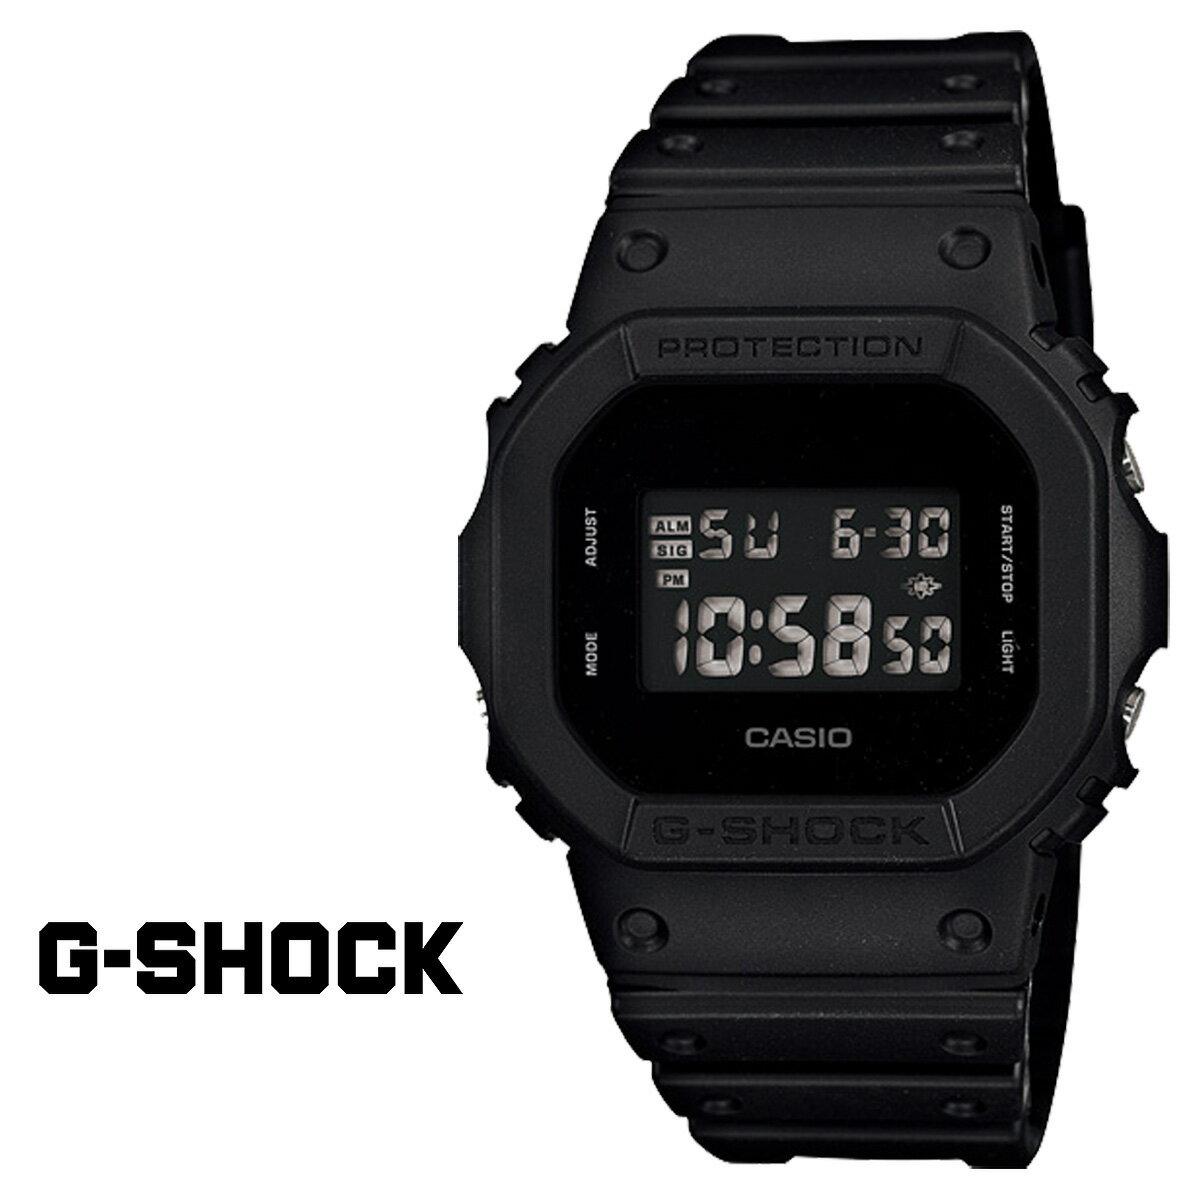 : G-SHOCK - カシオ: 腕時計: Standard, …